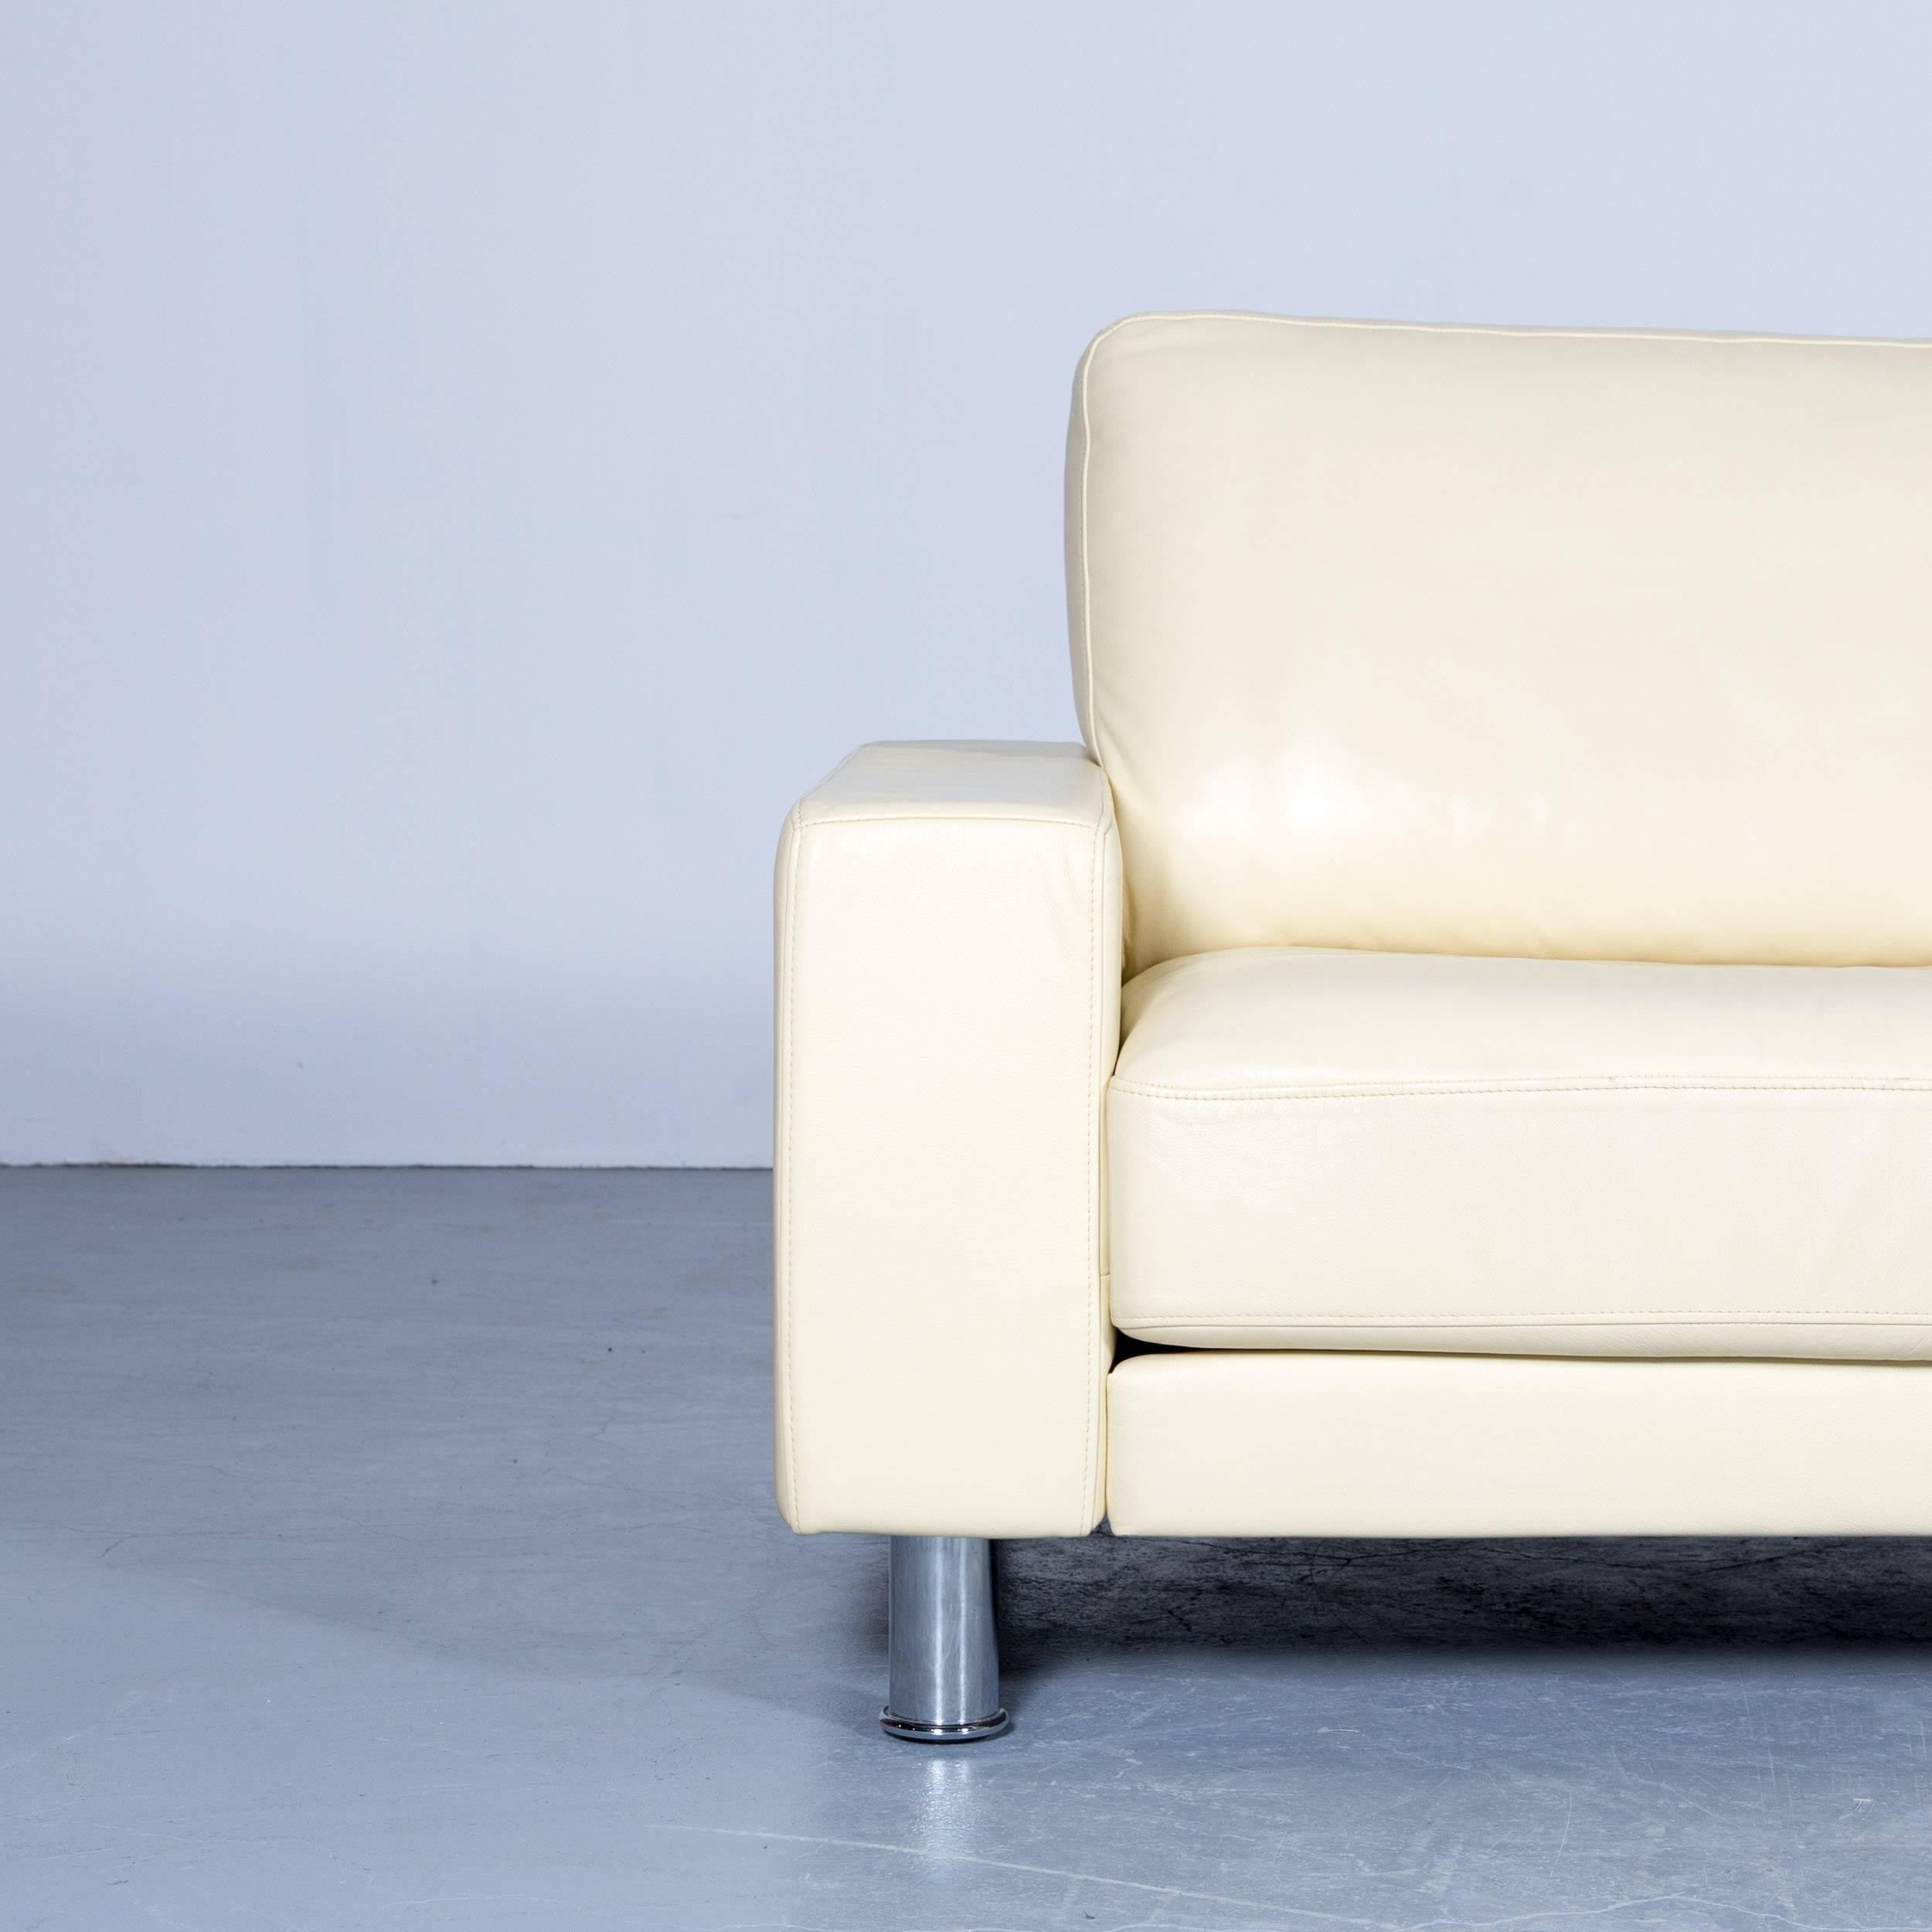 Schön Sensational Design Sessel Schwarz Galerie - Schönes ...